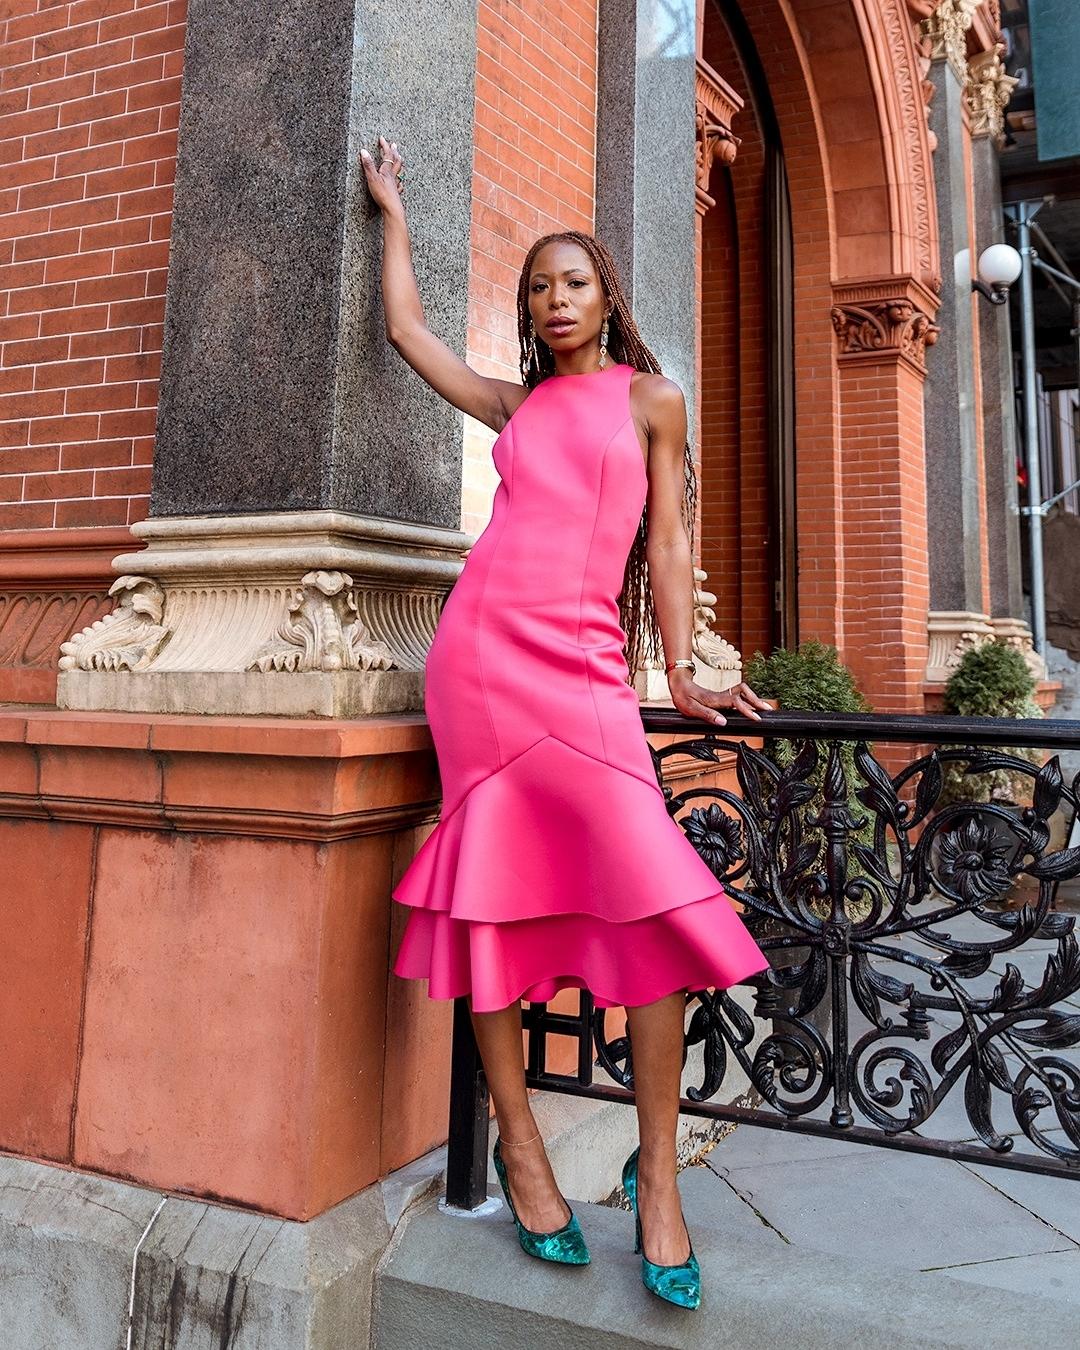 1612584557 144 echa un vistazo a las opciones para comprar y 30 - 40 modelos de vestidos rosas para un look que no pasa desapercibido